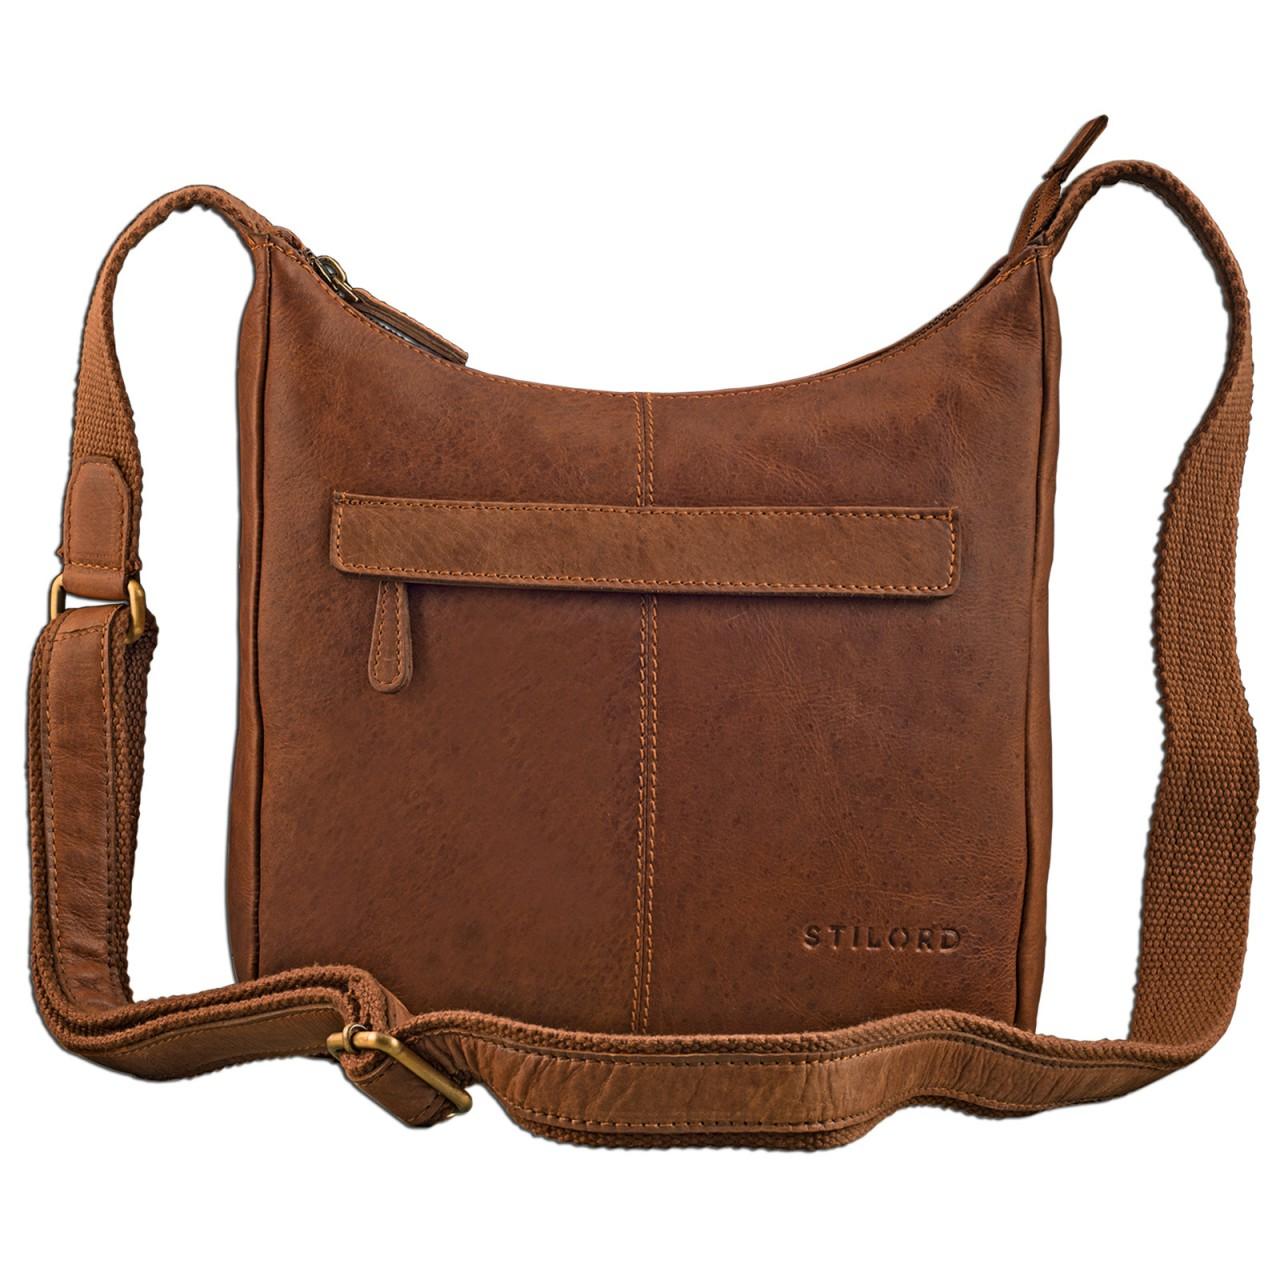 STILORD kleine Lederhandtasche Umhängetasche Vintage Handtasche mit verstellbarem Schulterriemen aus weichem Antik Leder Damen - Bild 20